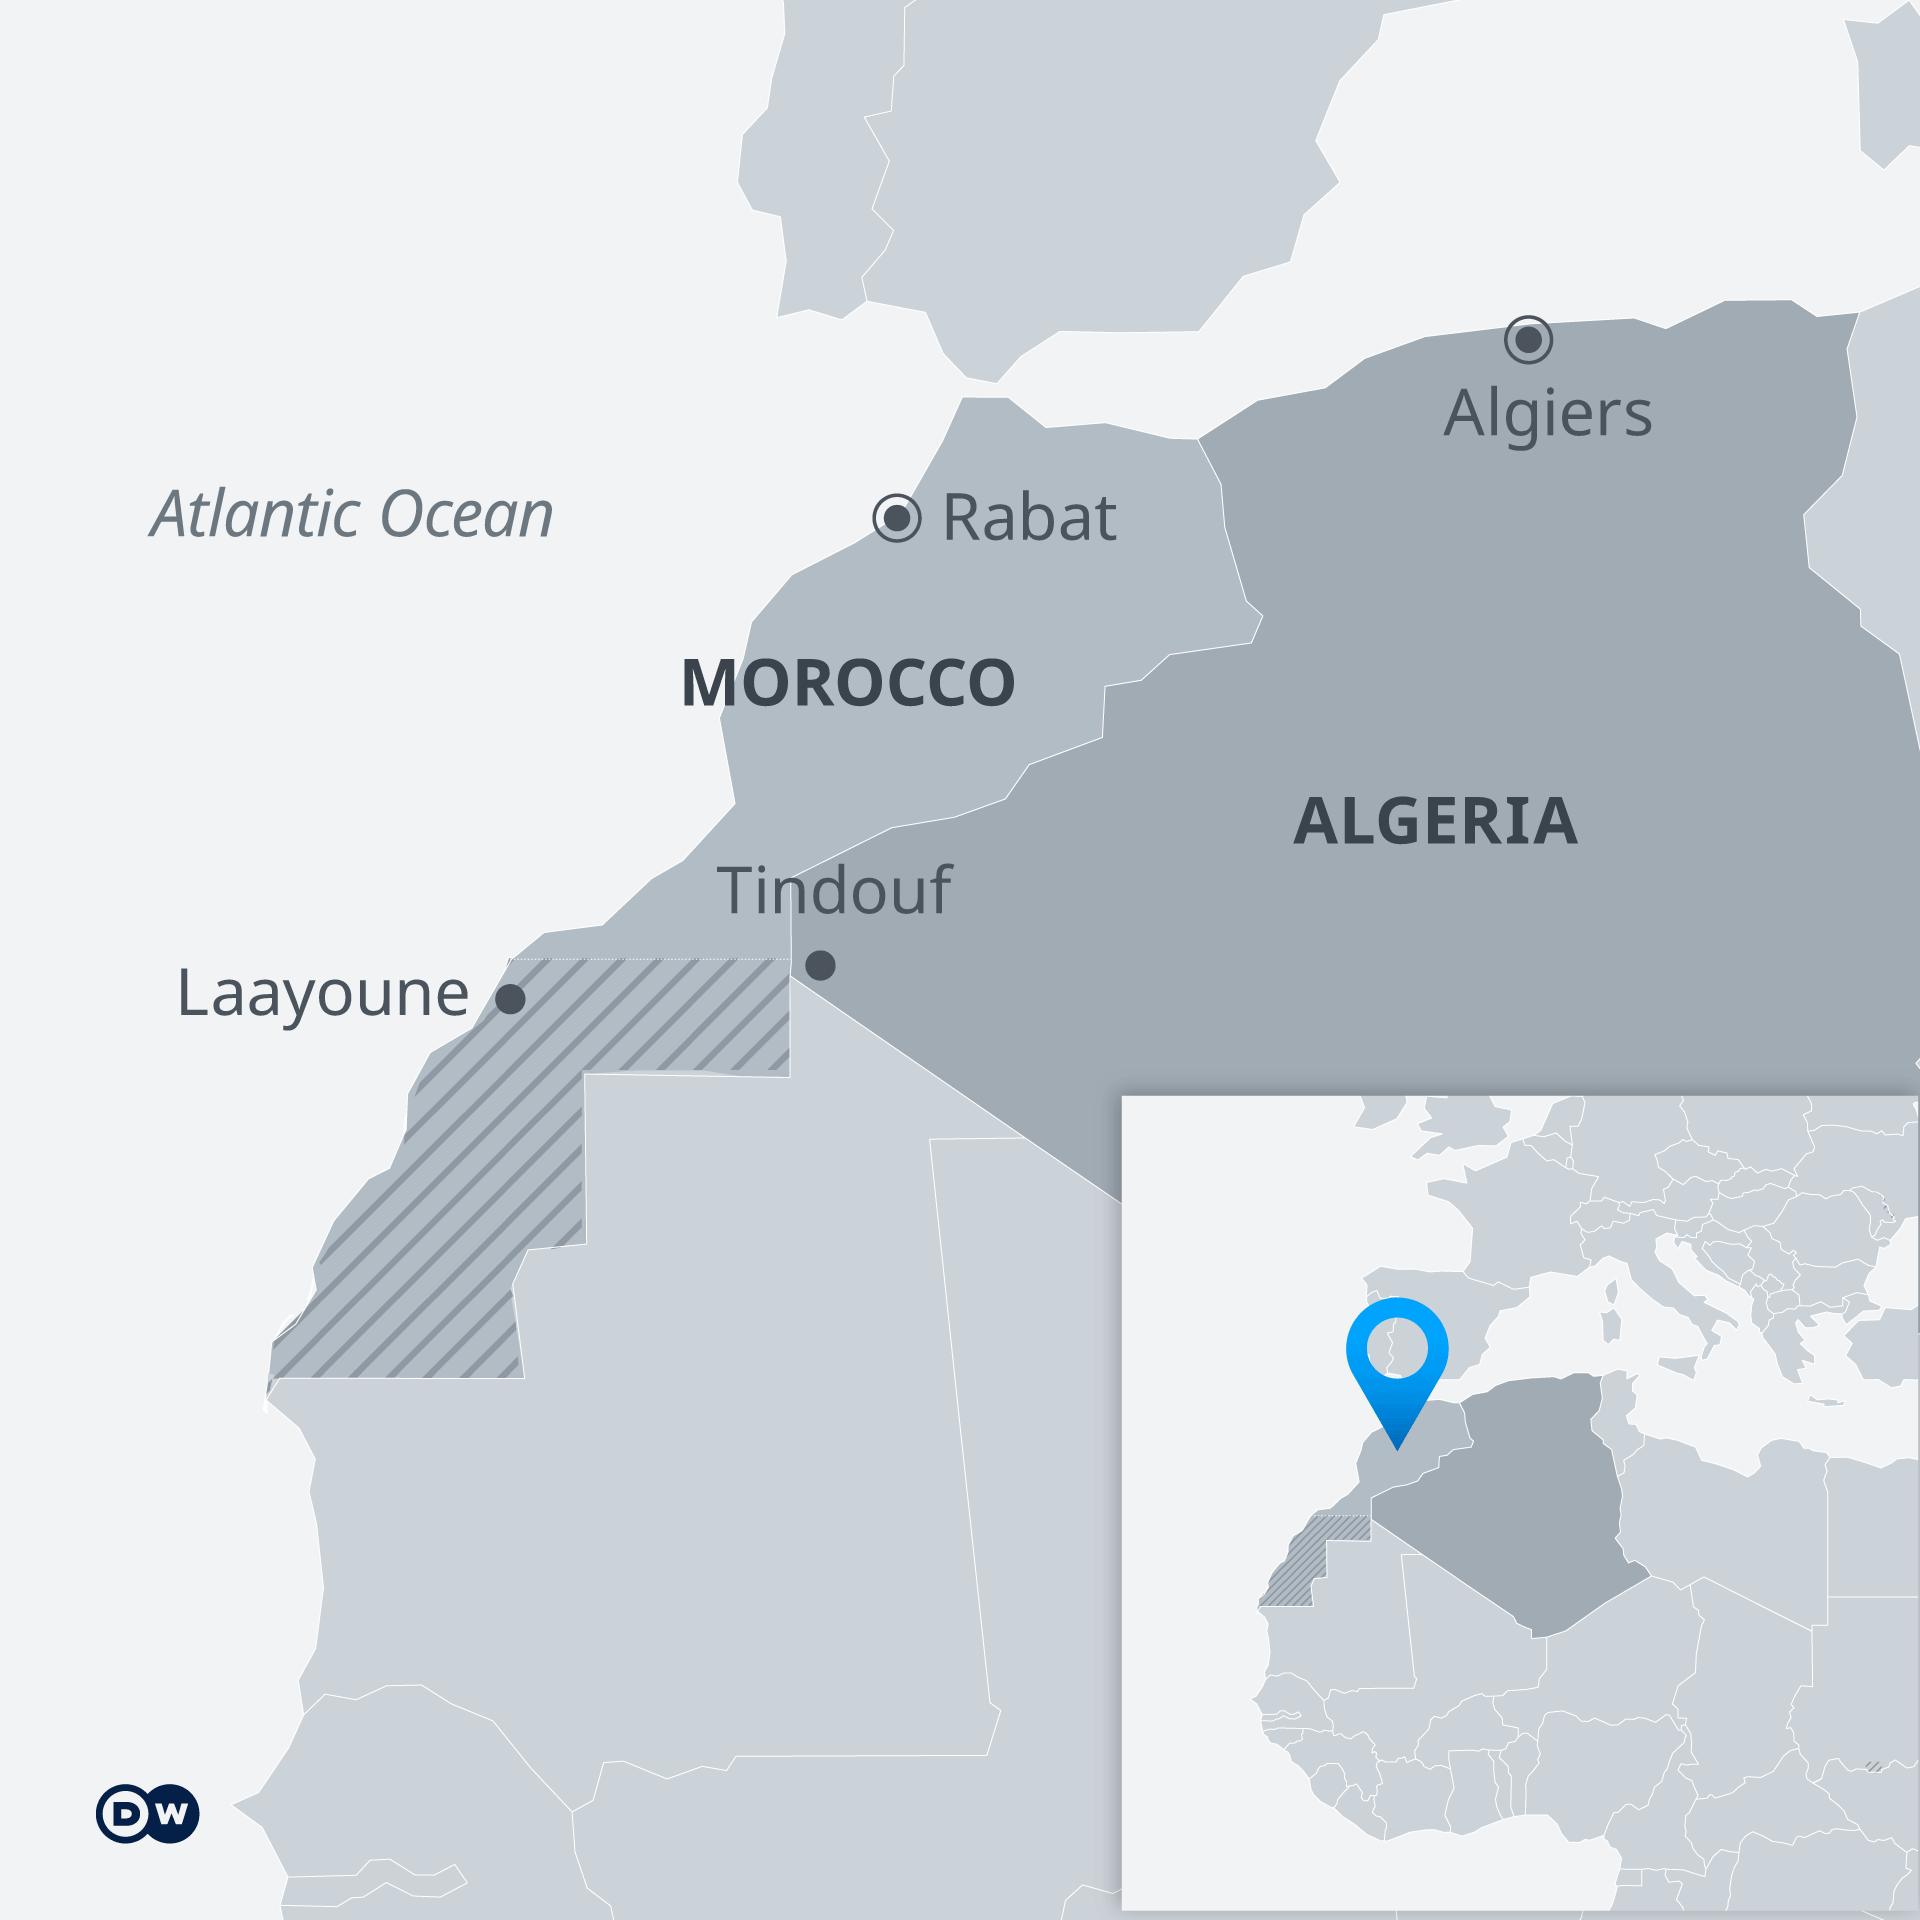 La zone hachurée est celle du Sahara occidental, qui divise le Maroc et l'Algérie